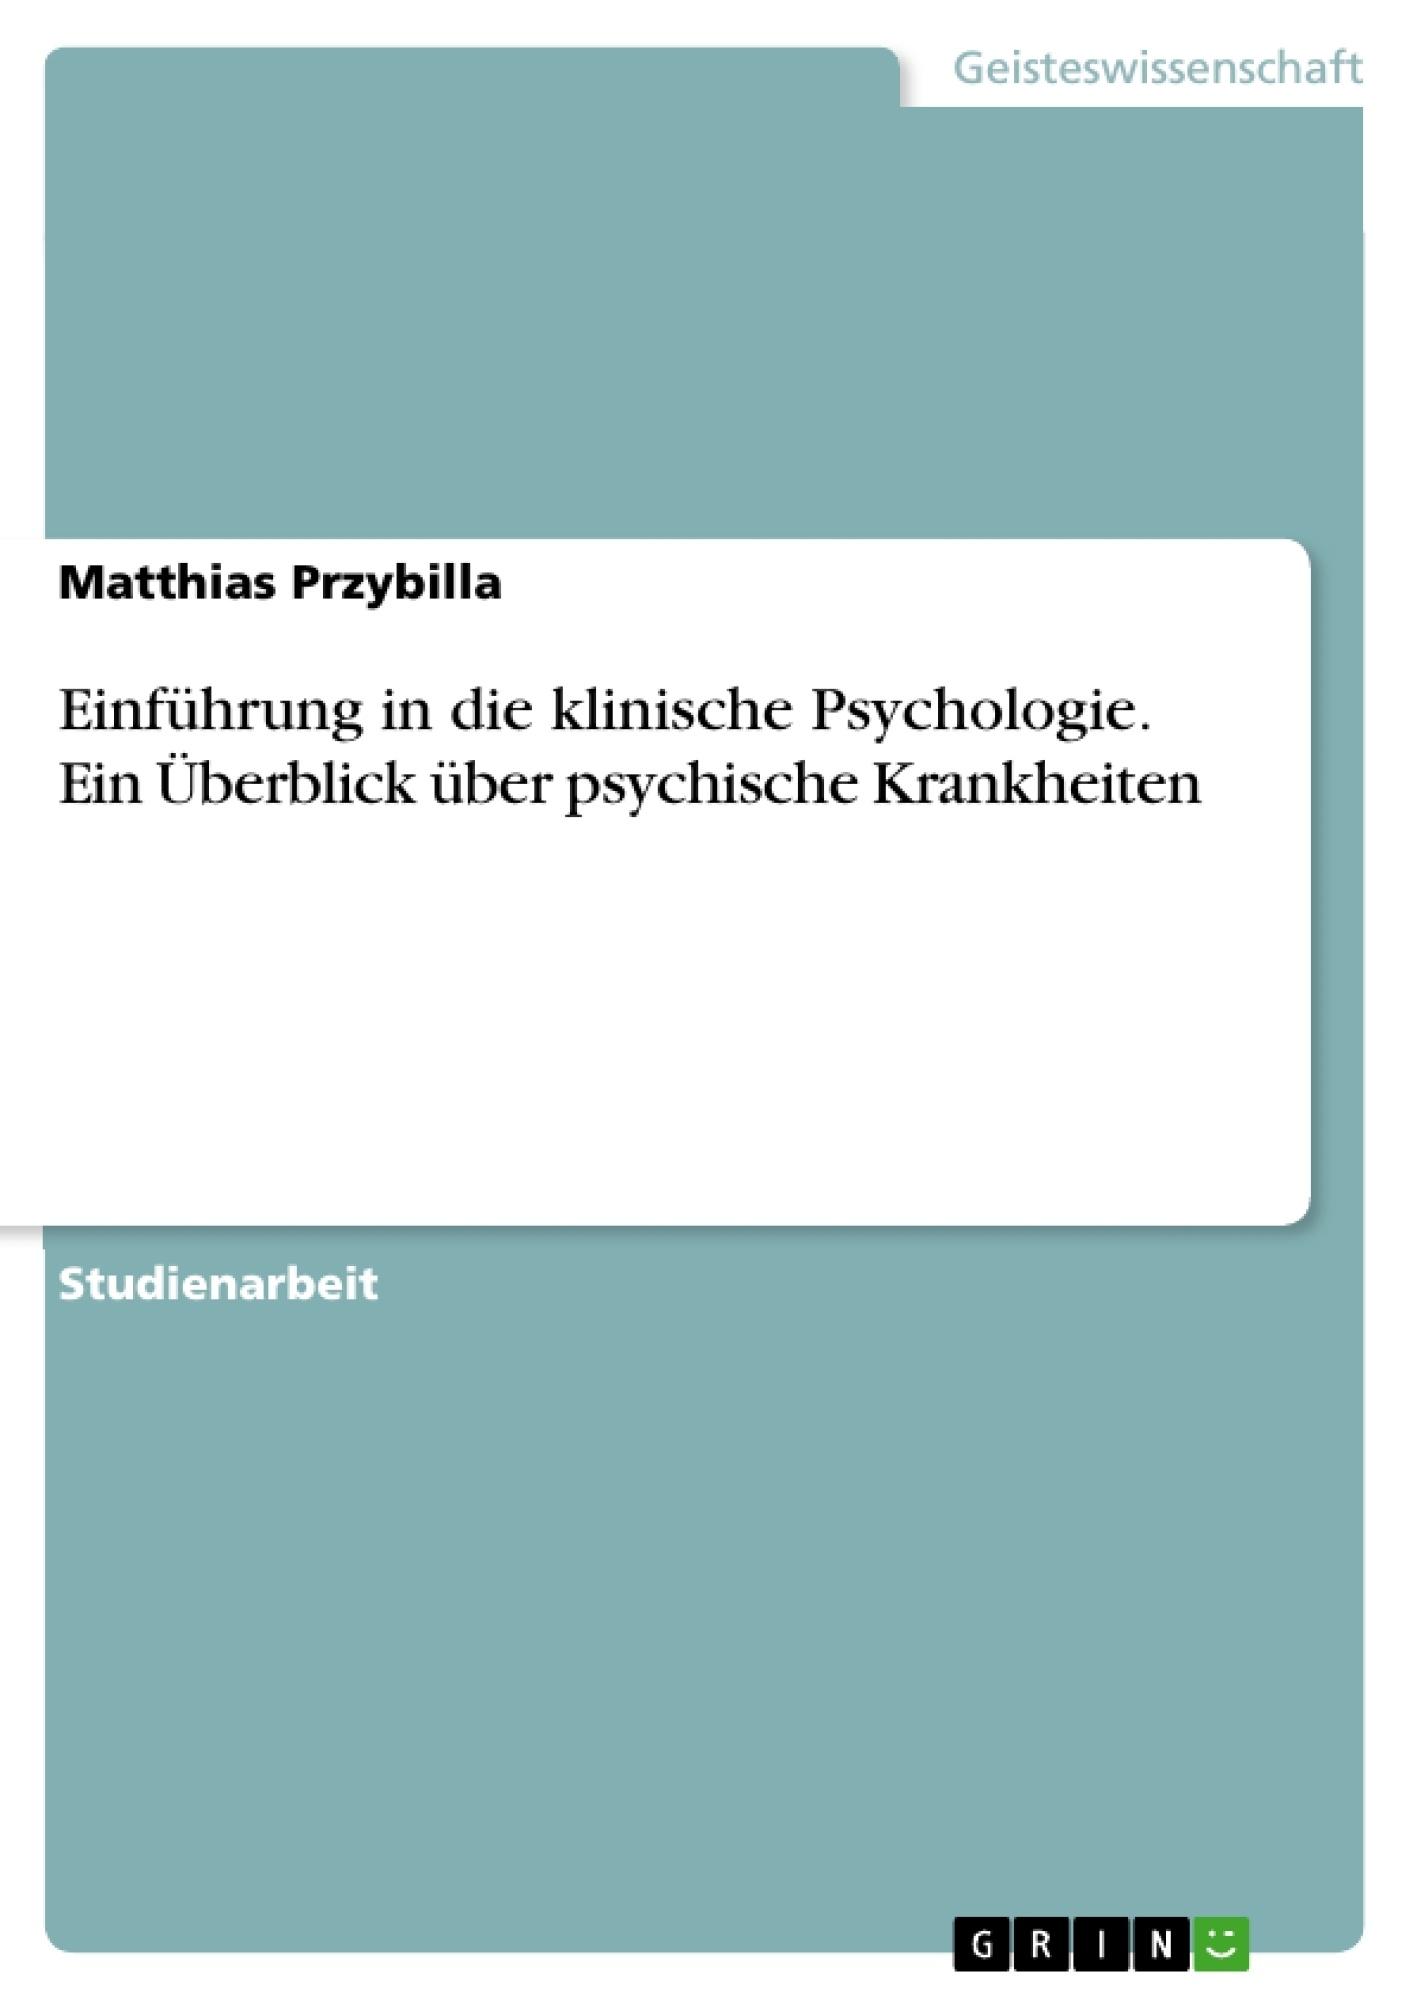 Titel: Einführung in die klinische Psychologie. Ein Überblick über psychische Krankheiten